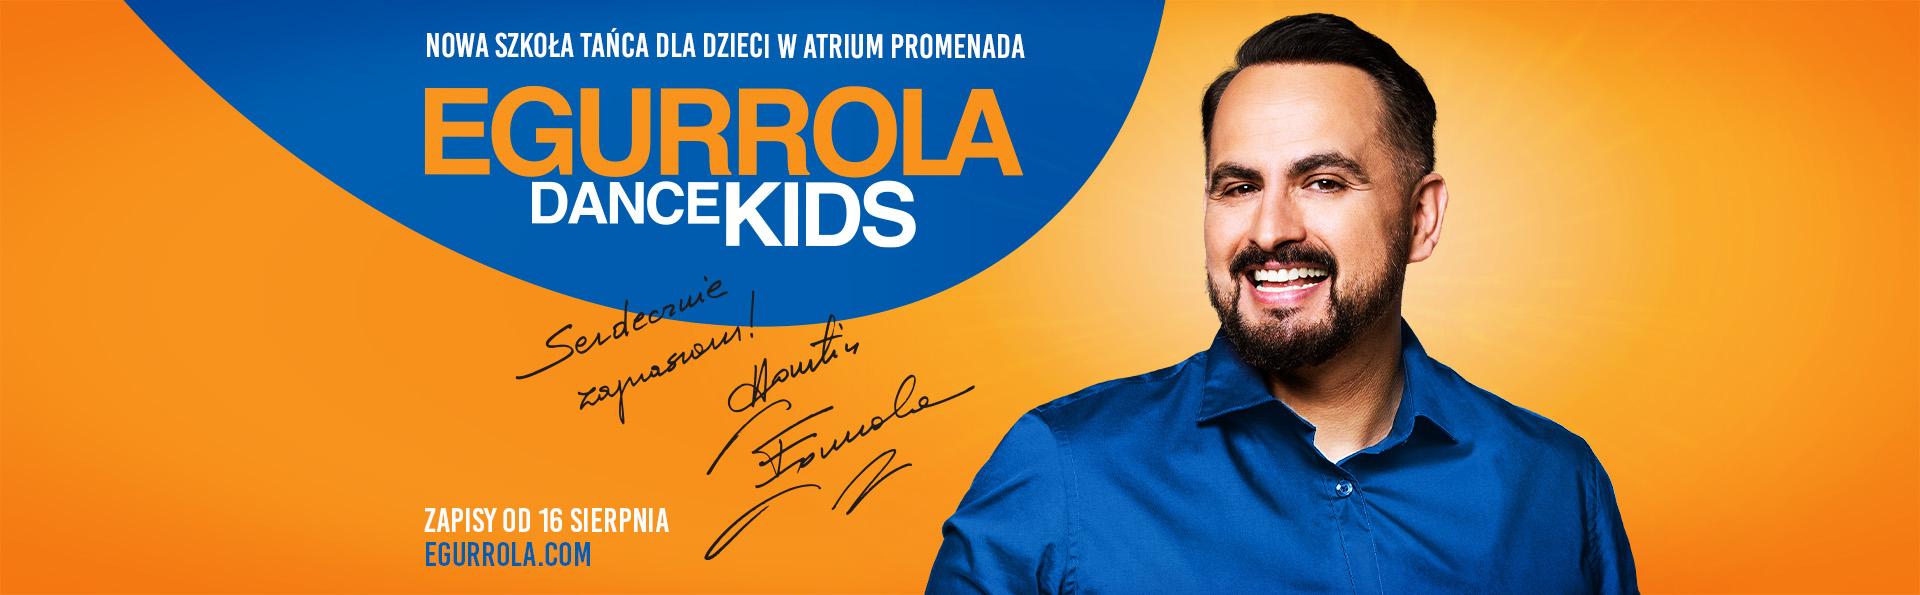 Egurrola Dance Kids w Atrium Promenada